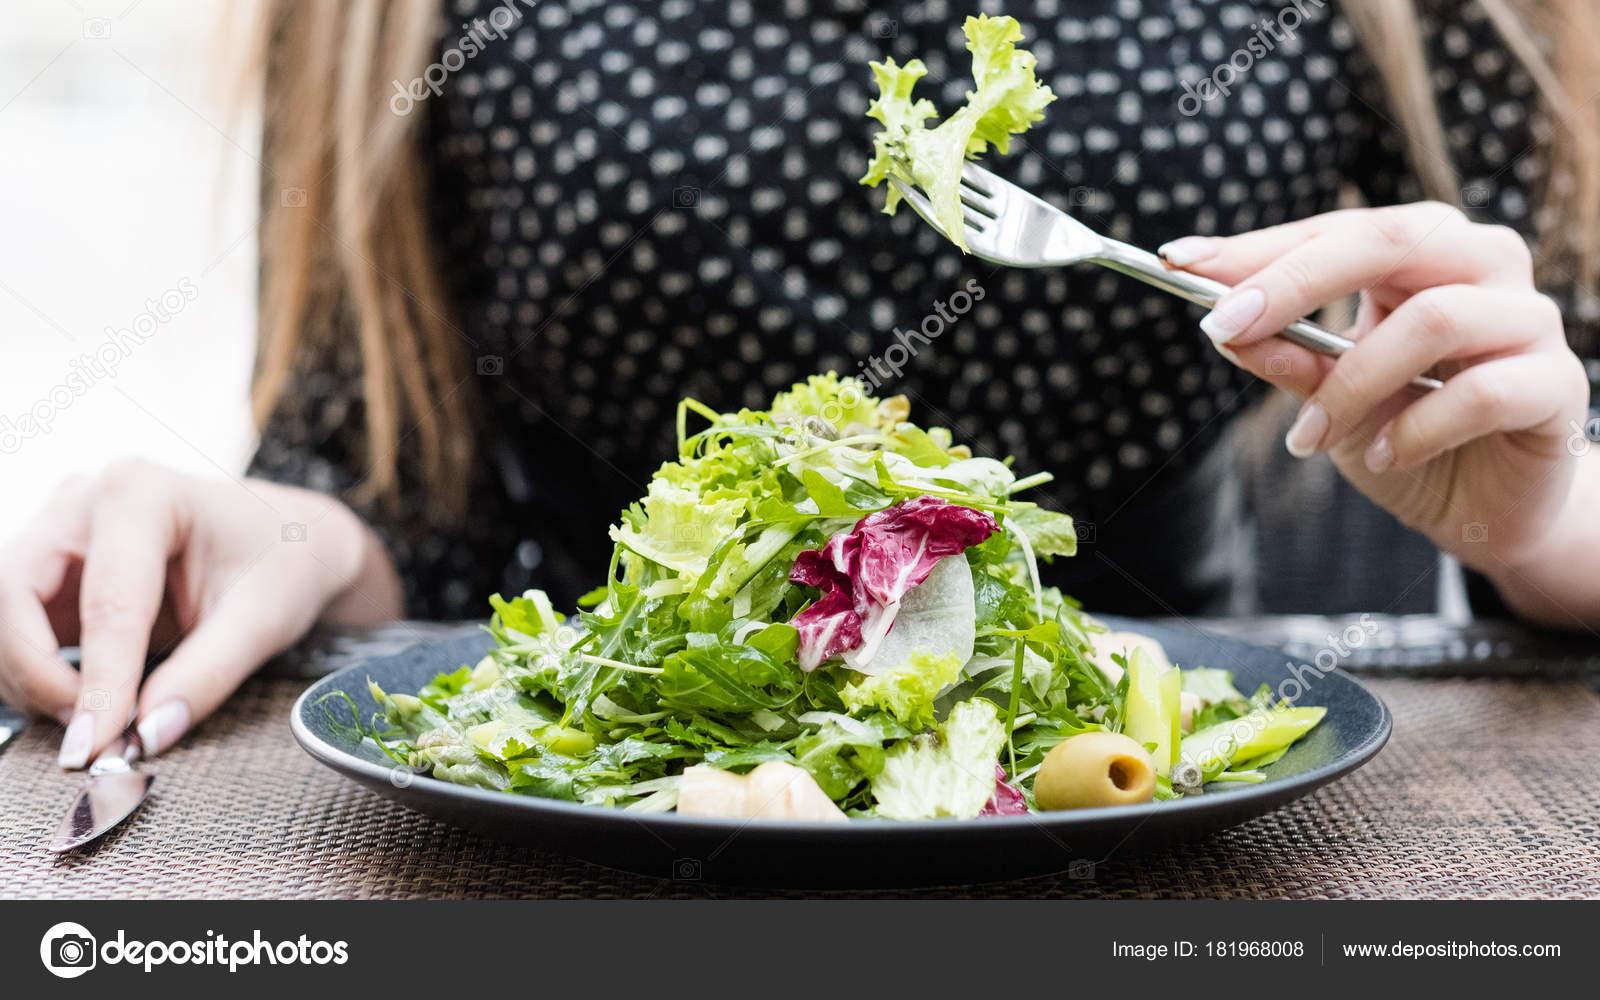 Диета на 800 калорий: меню на день и неделю | food and health.